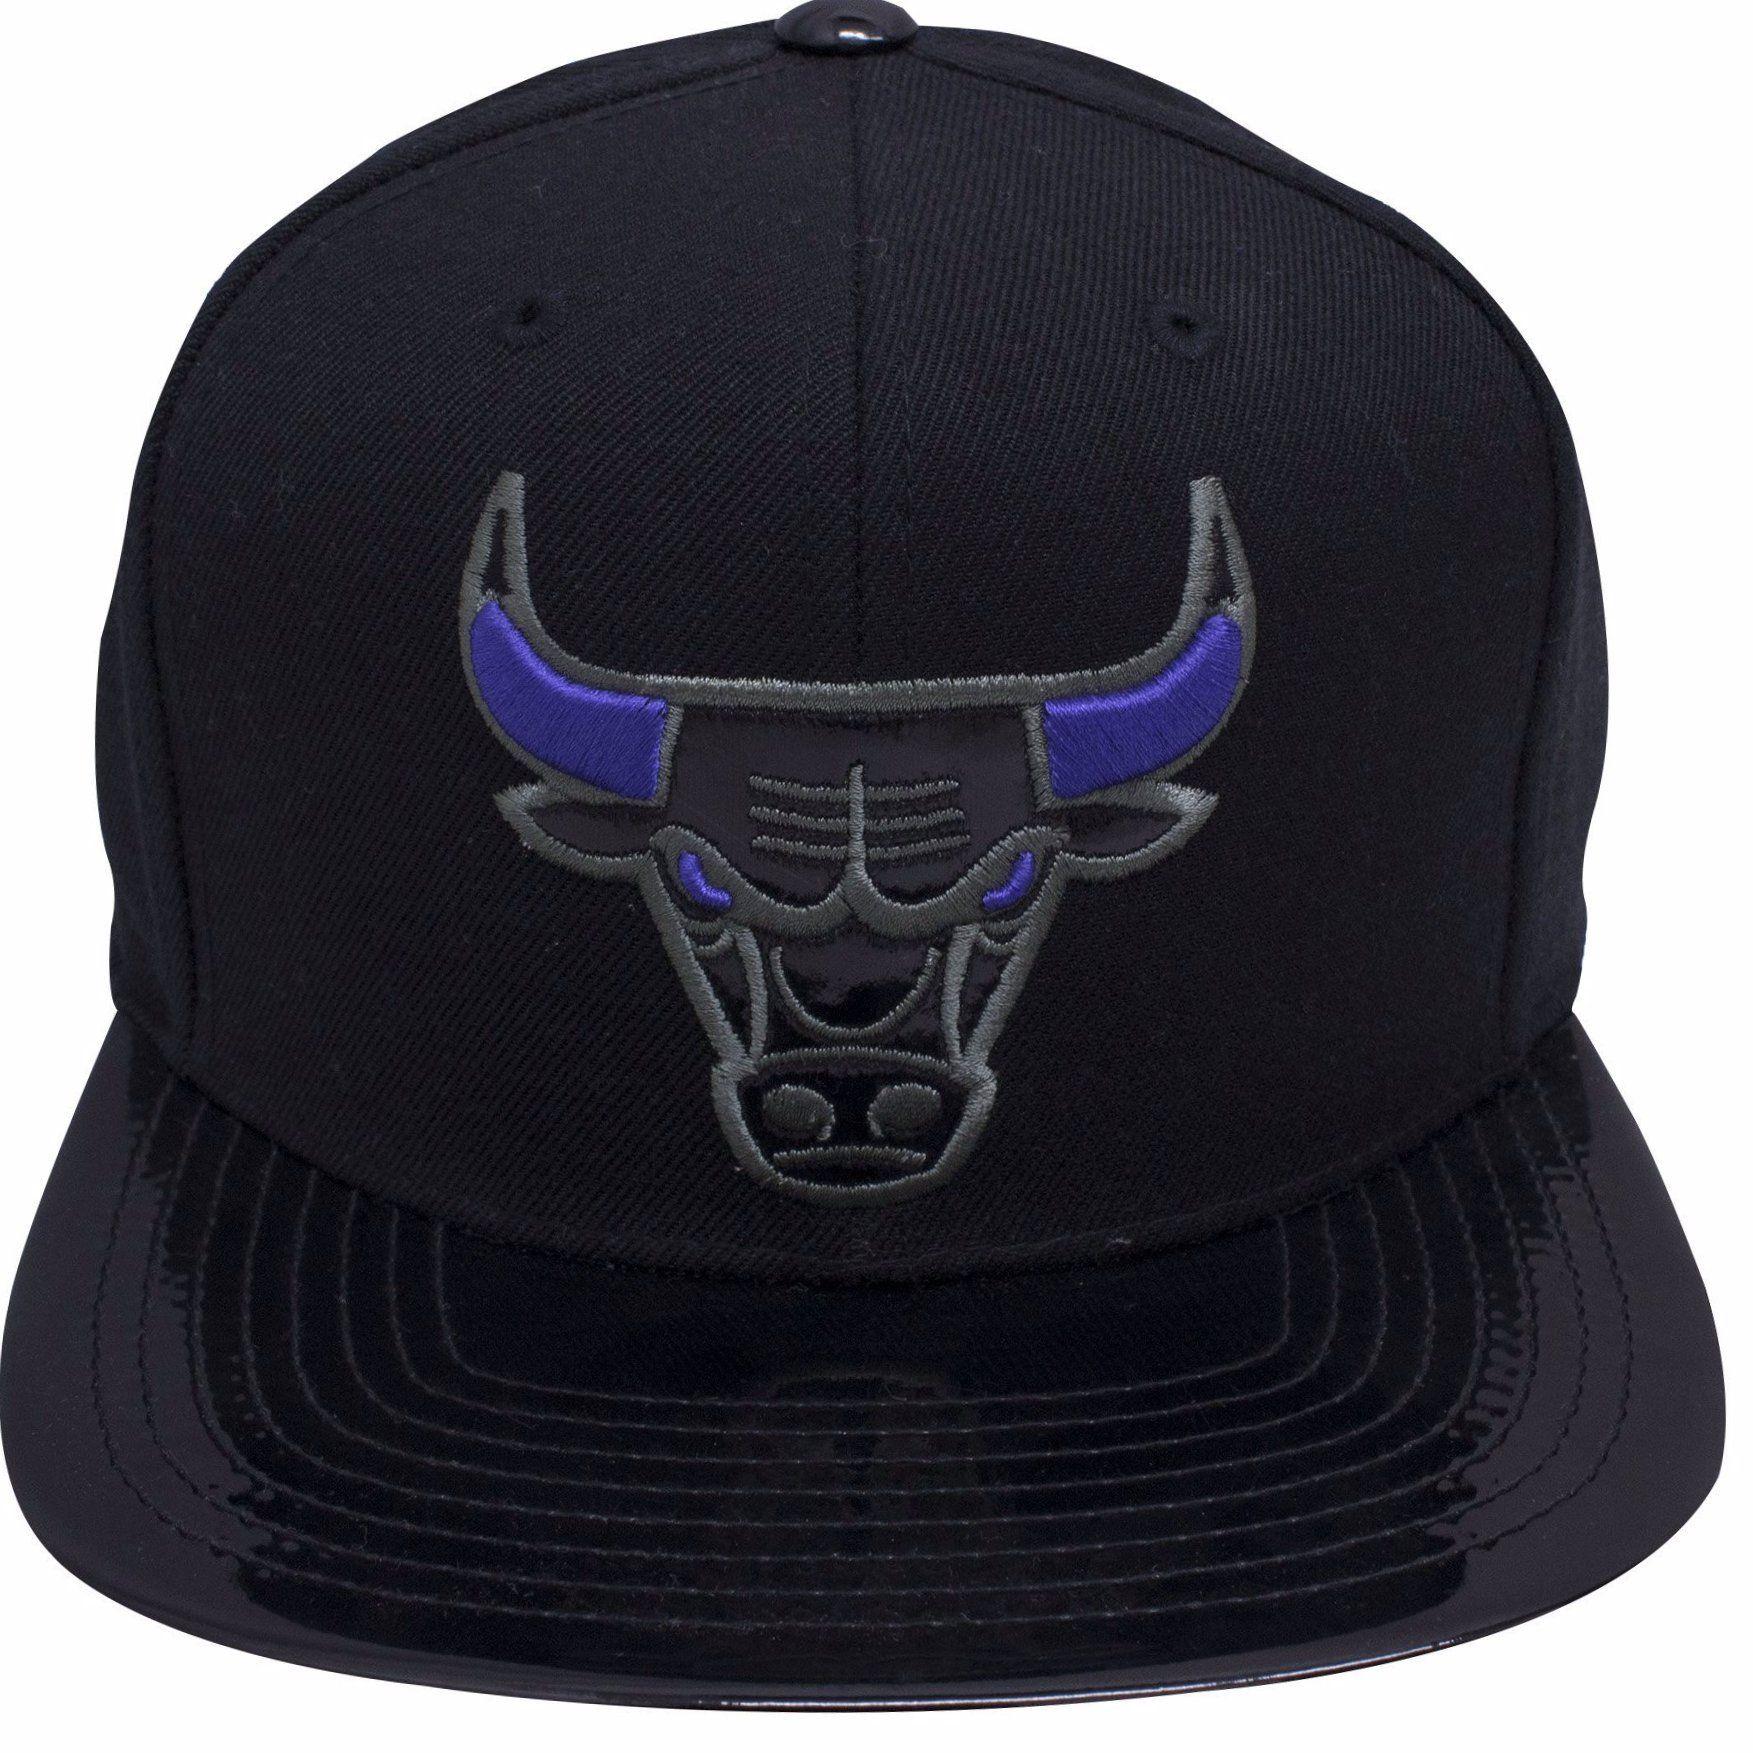 7375df90 Chicago Bulls Retro Air Jordan 11 Space Jam Sneaker Matching Snapback Hat